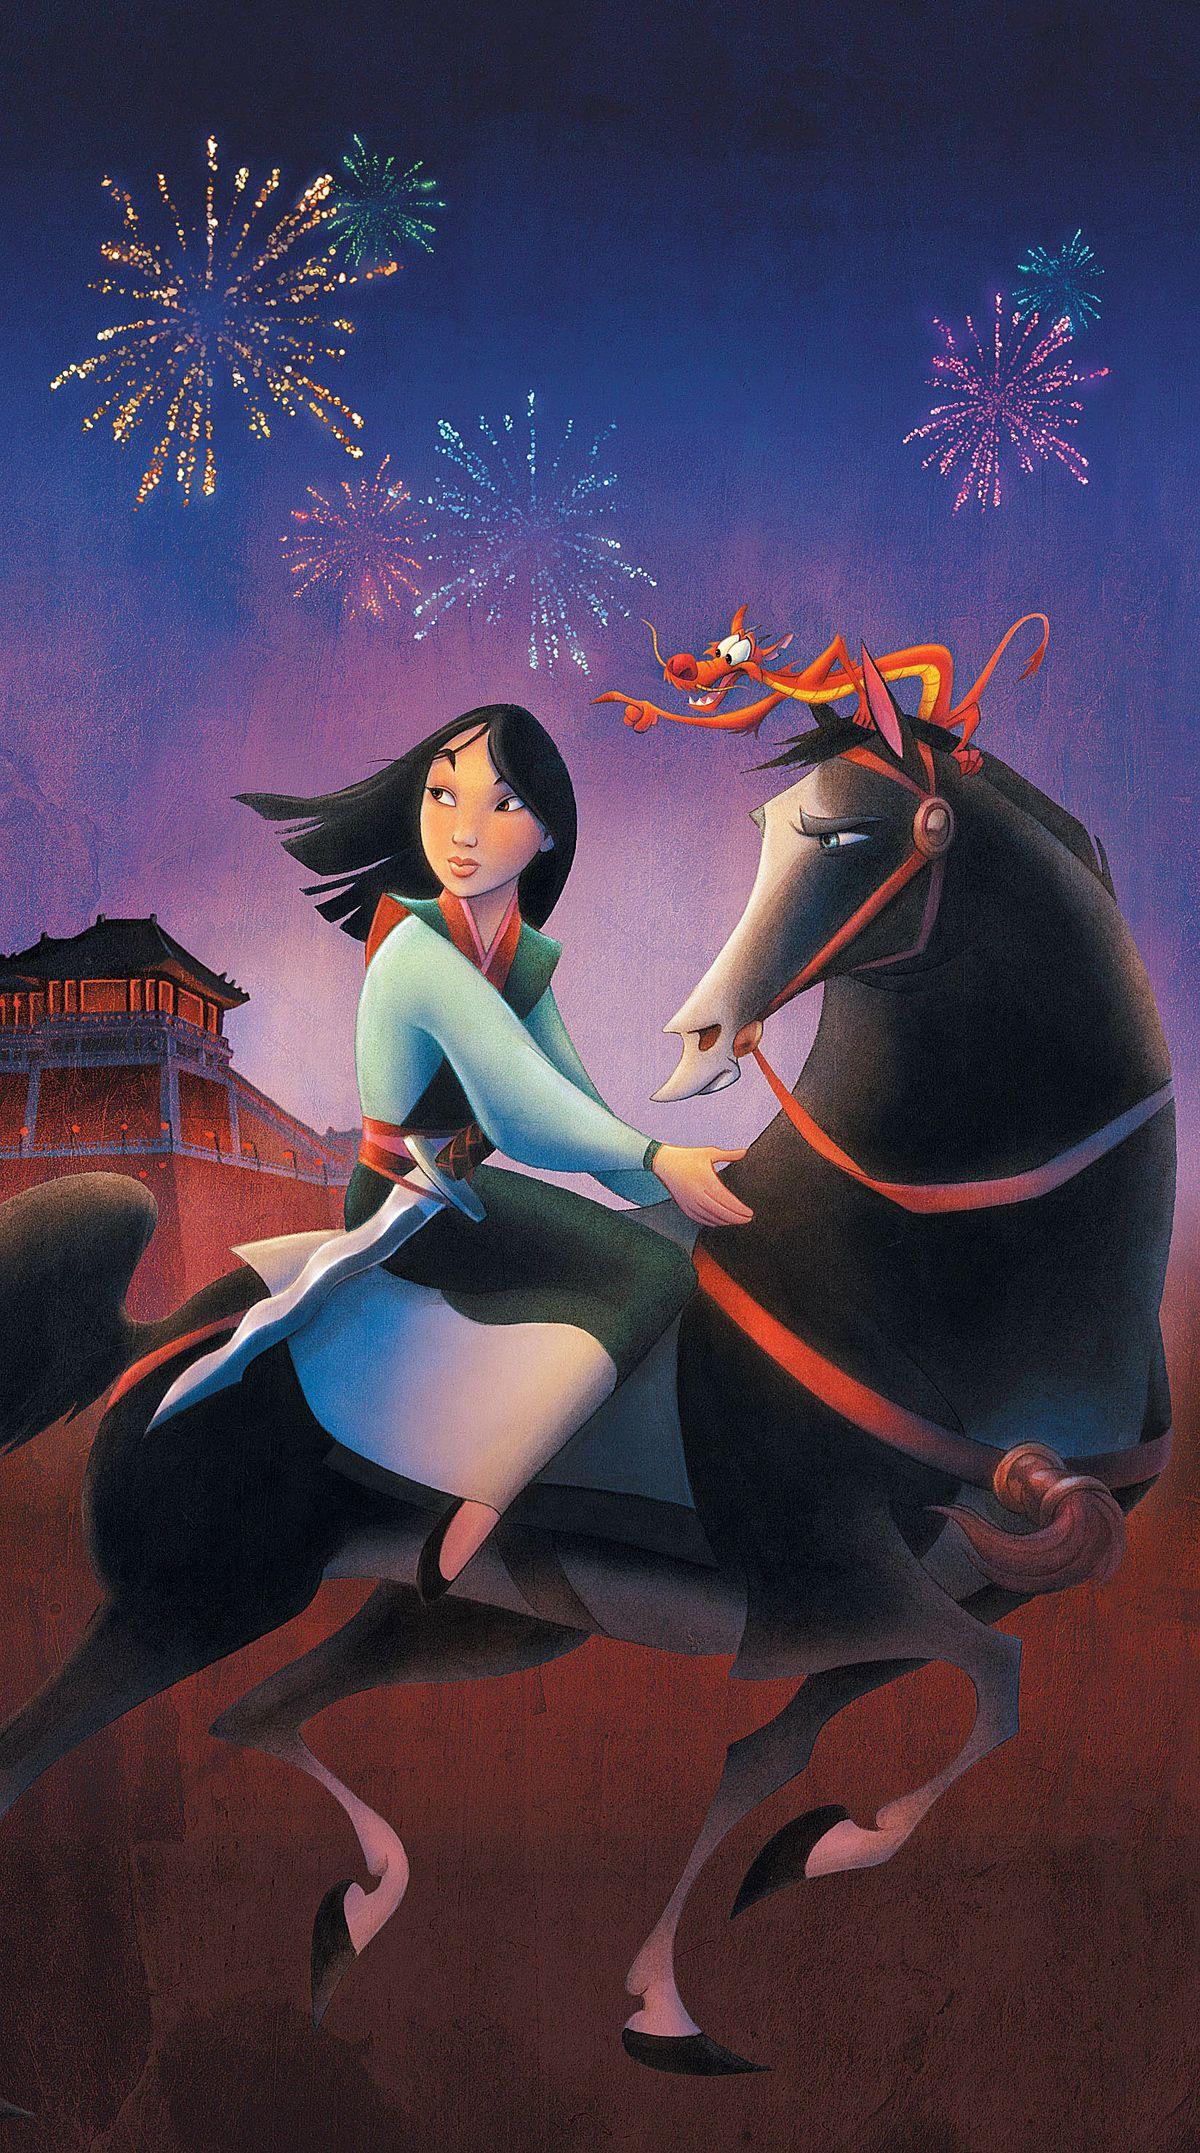 Disney developing liveaction 'Mulan' film Disney